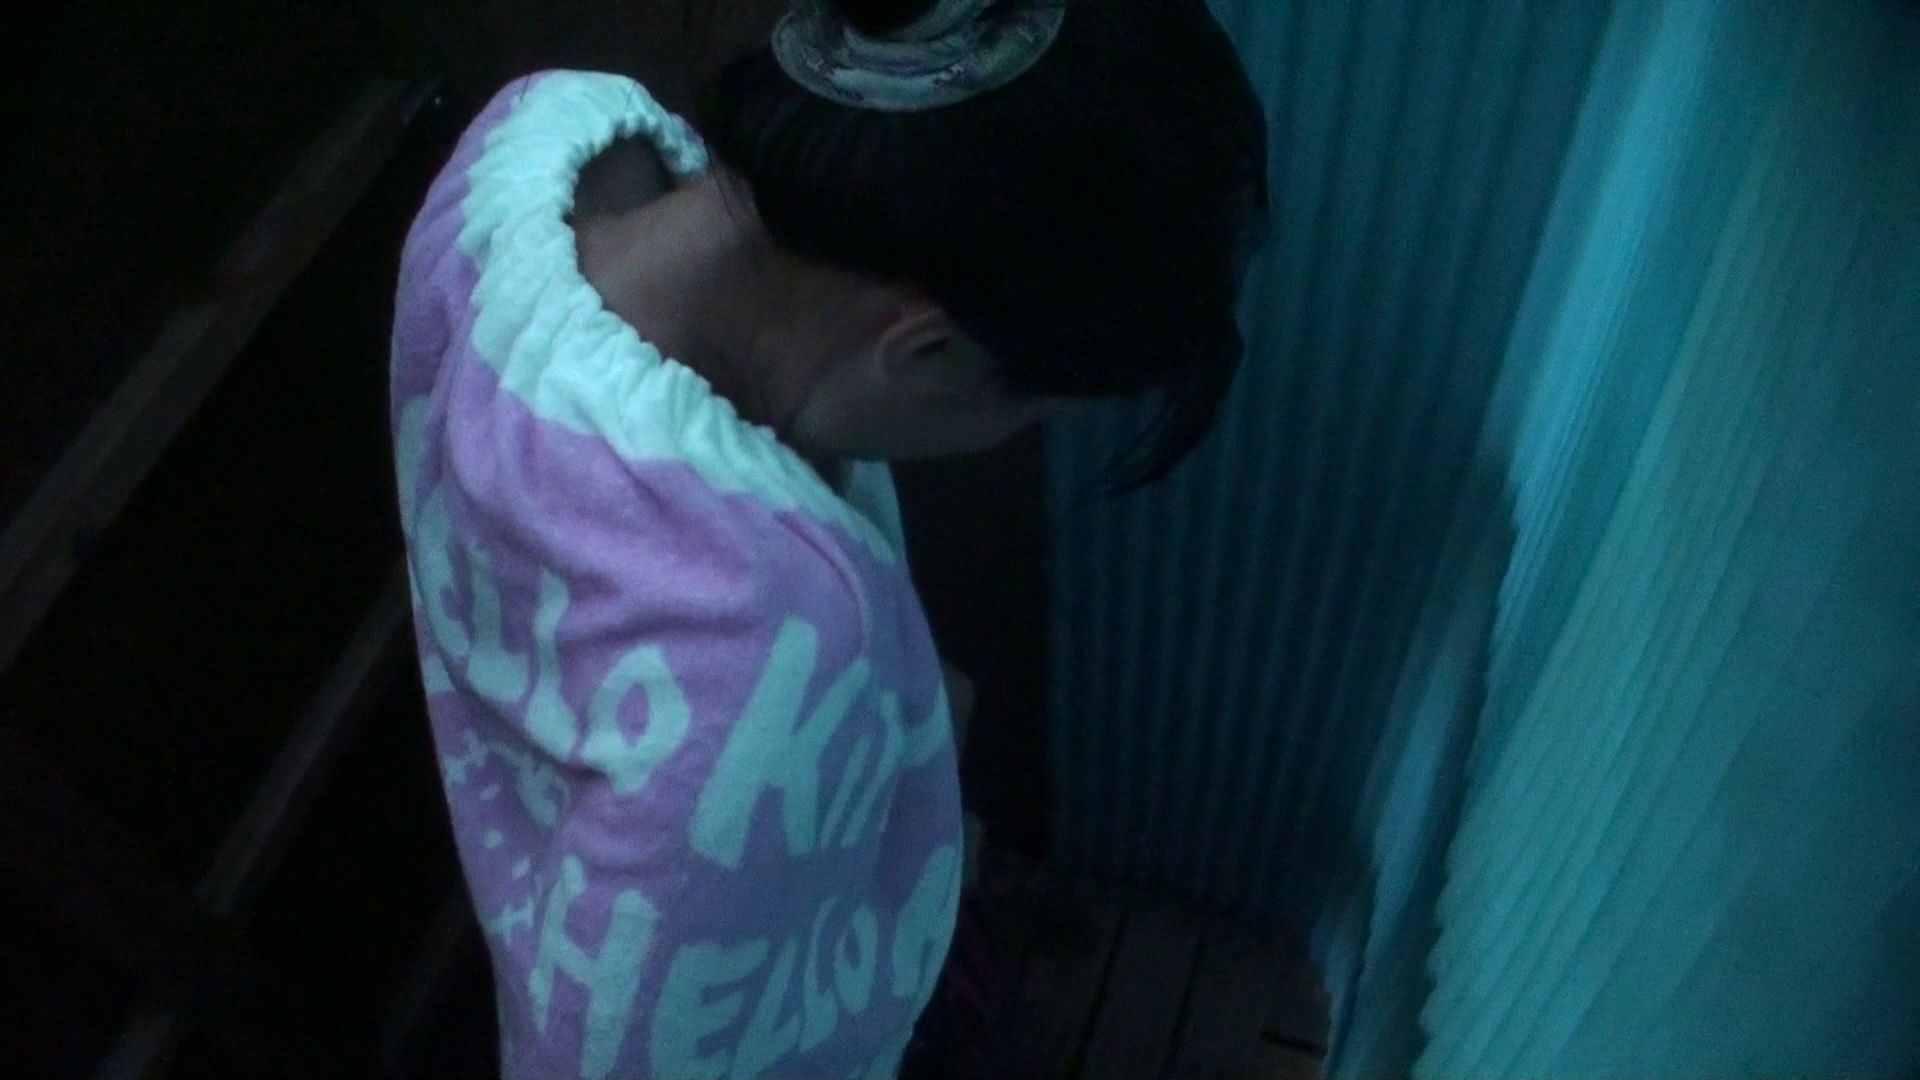 シャワールームは超!!危険な香りVol.26 大学生風美形ギャル 暗さが残念! エロティックなOL オメコ無修正動画無料 95画像 38